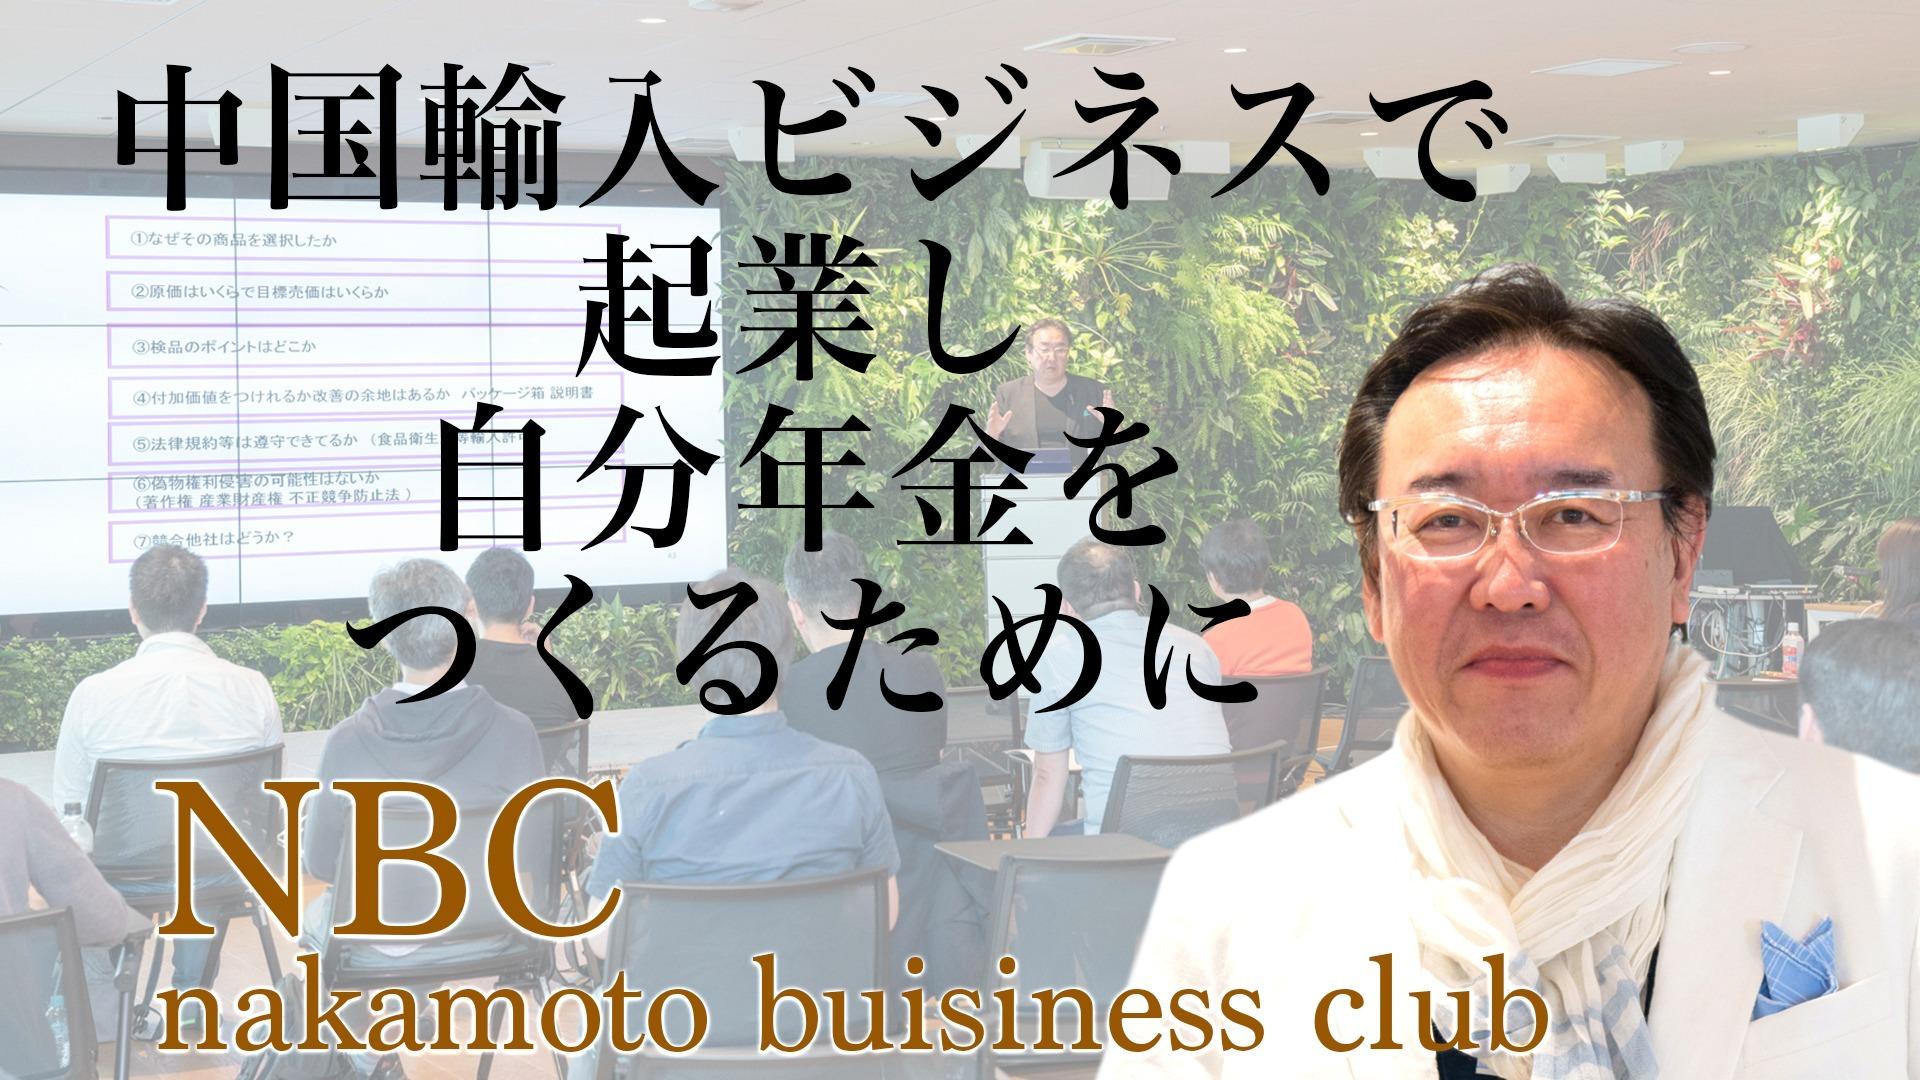 中国輸入ビジネスで起業し自分年金を作るために